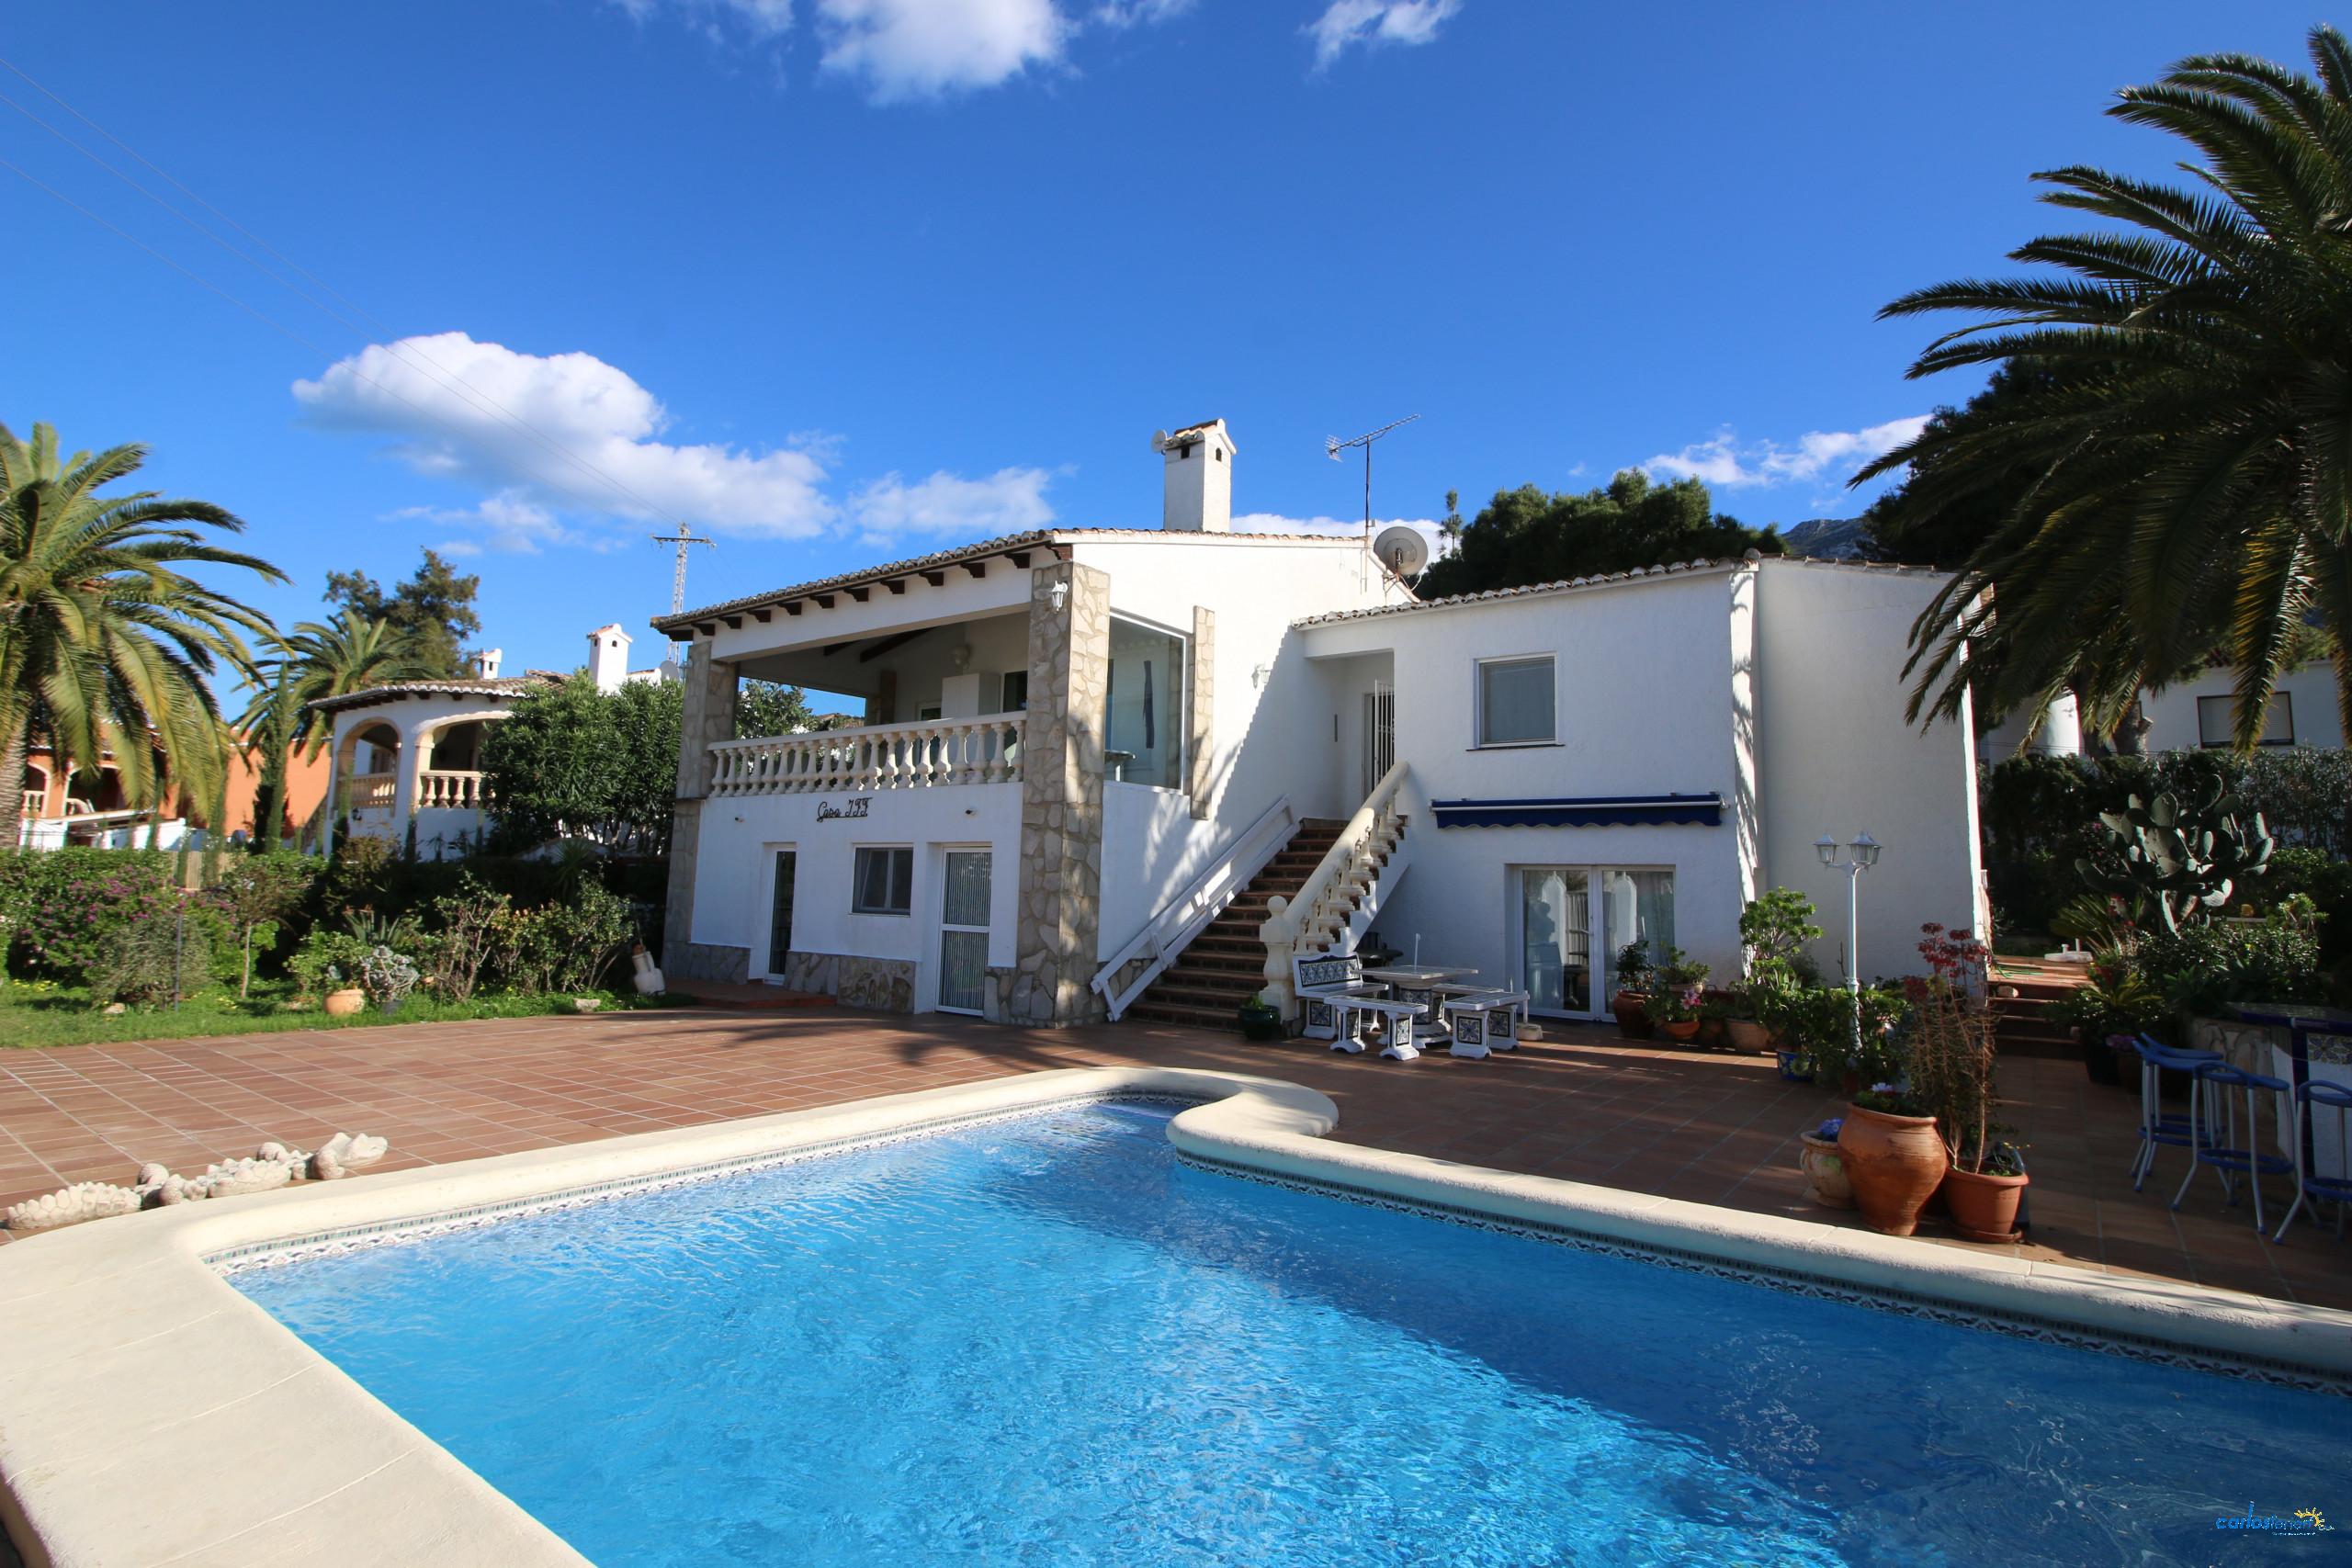 Villa/Dettached house in Denia - Alqueria BB 6 Pers